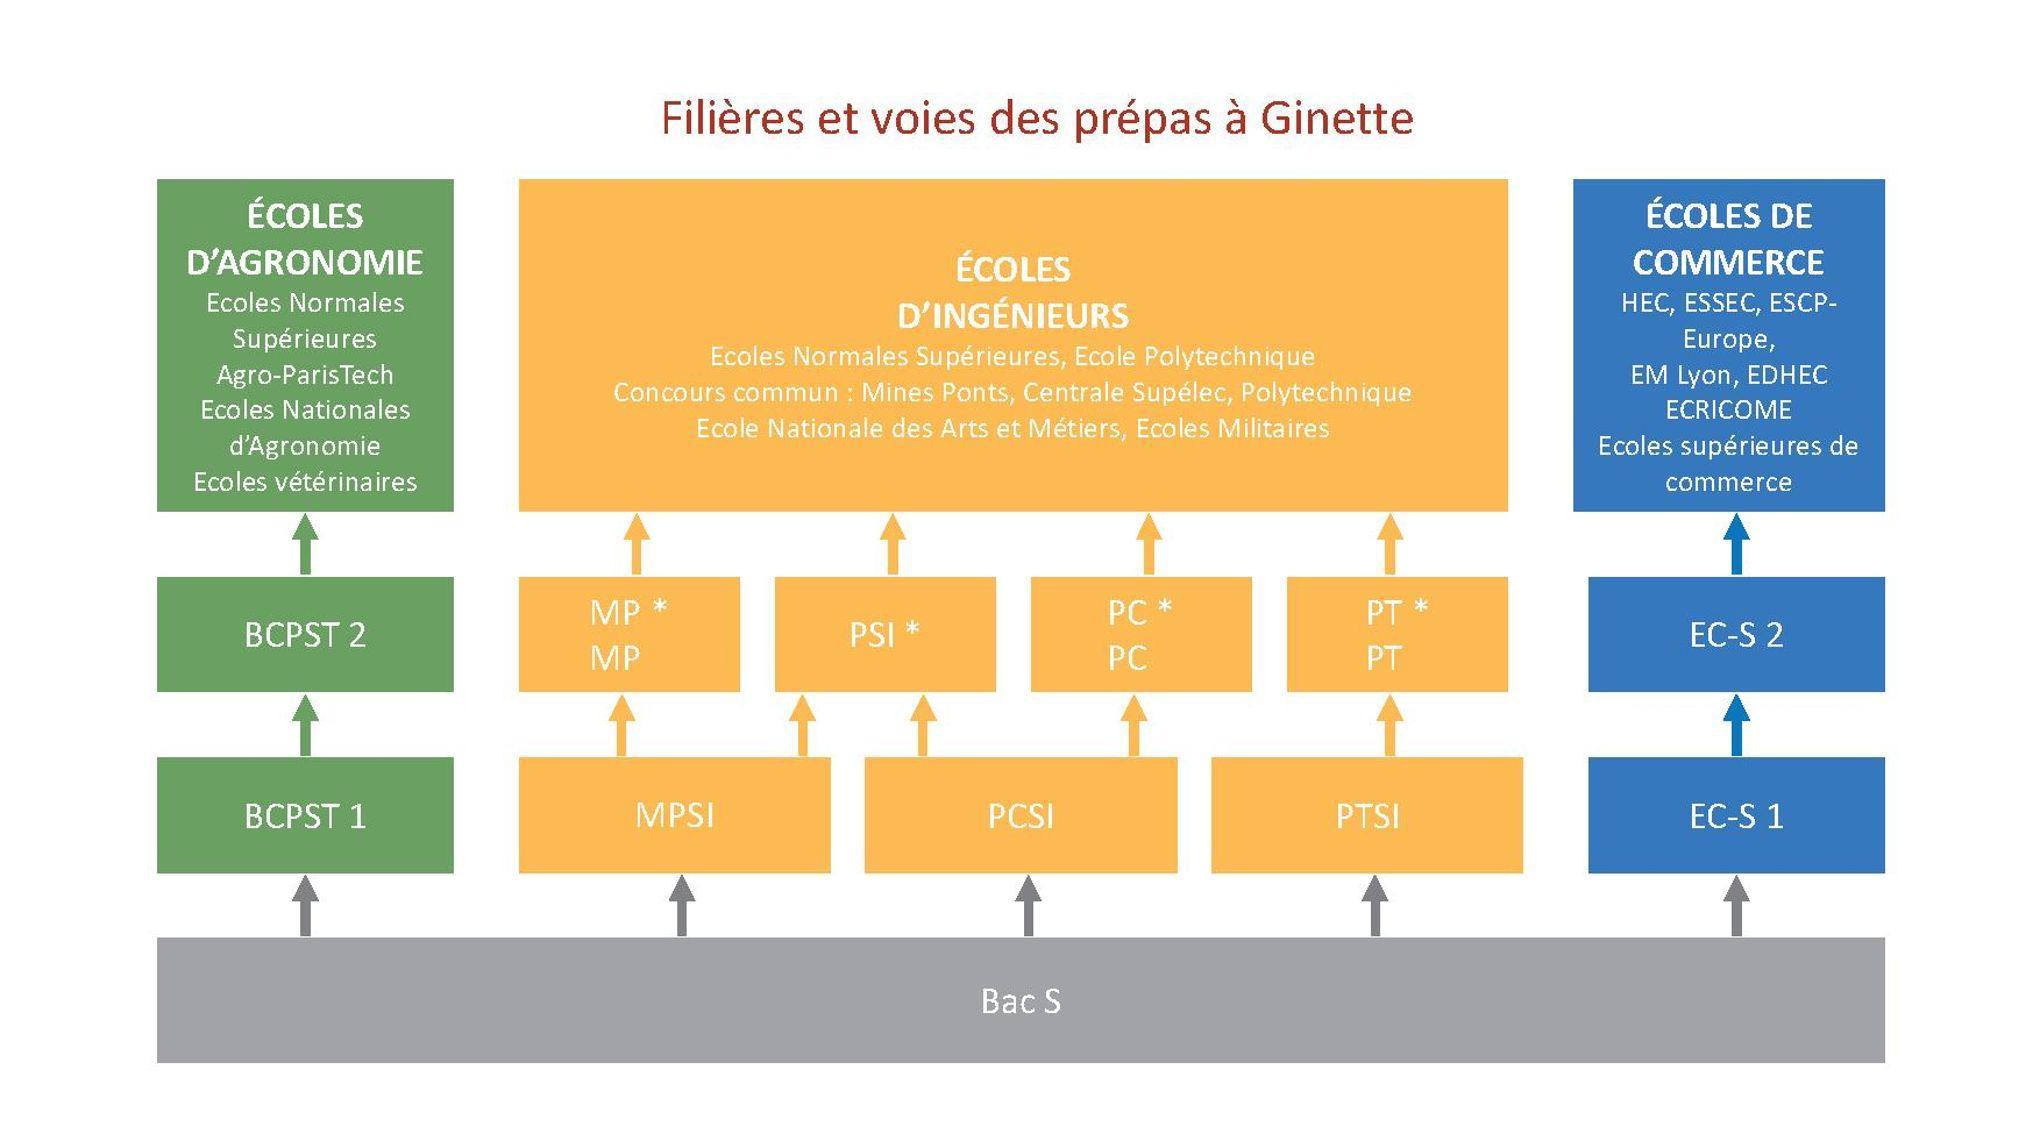 Comment Intégrer Ginette Et Ses Prépas Scientifiques D